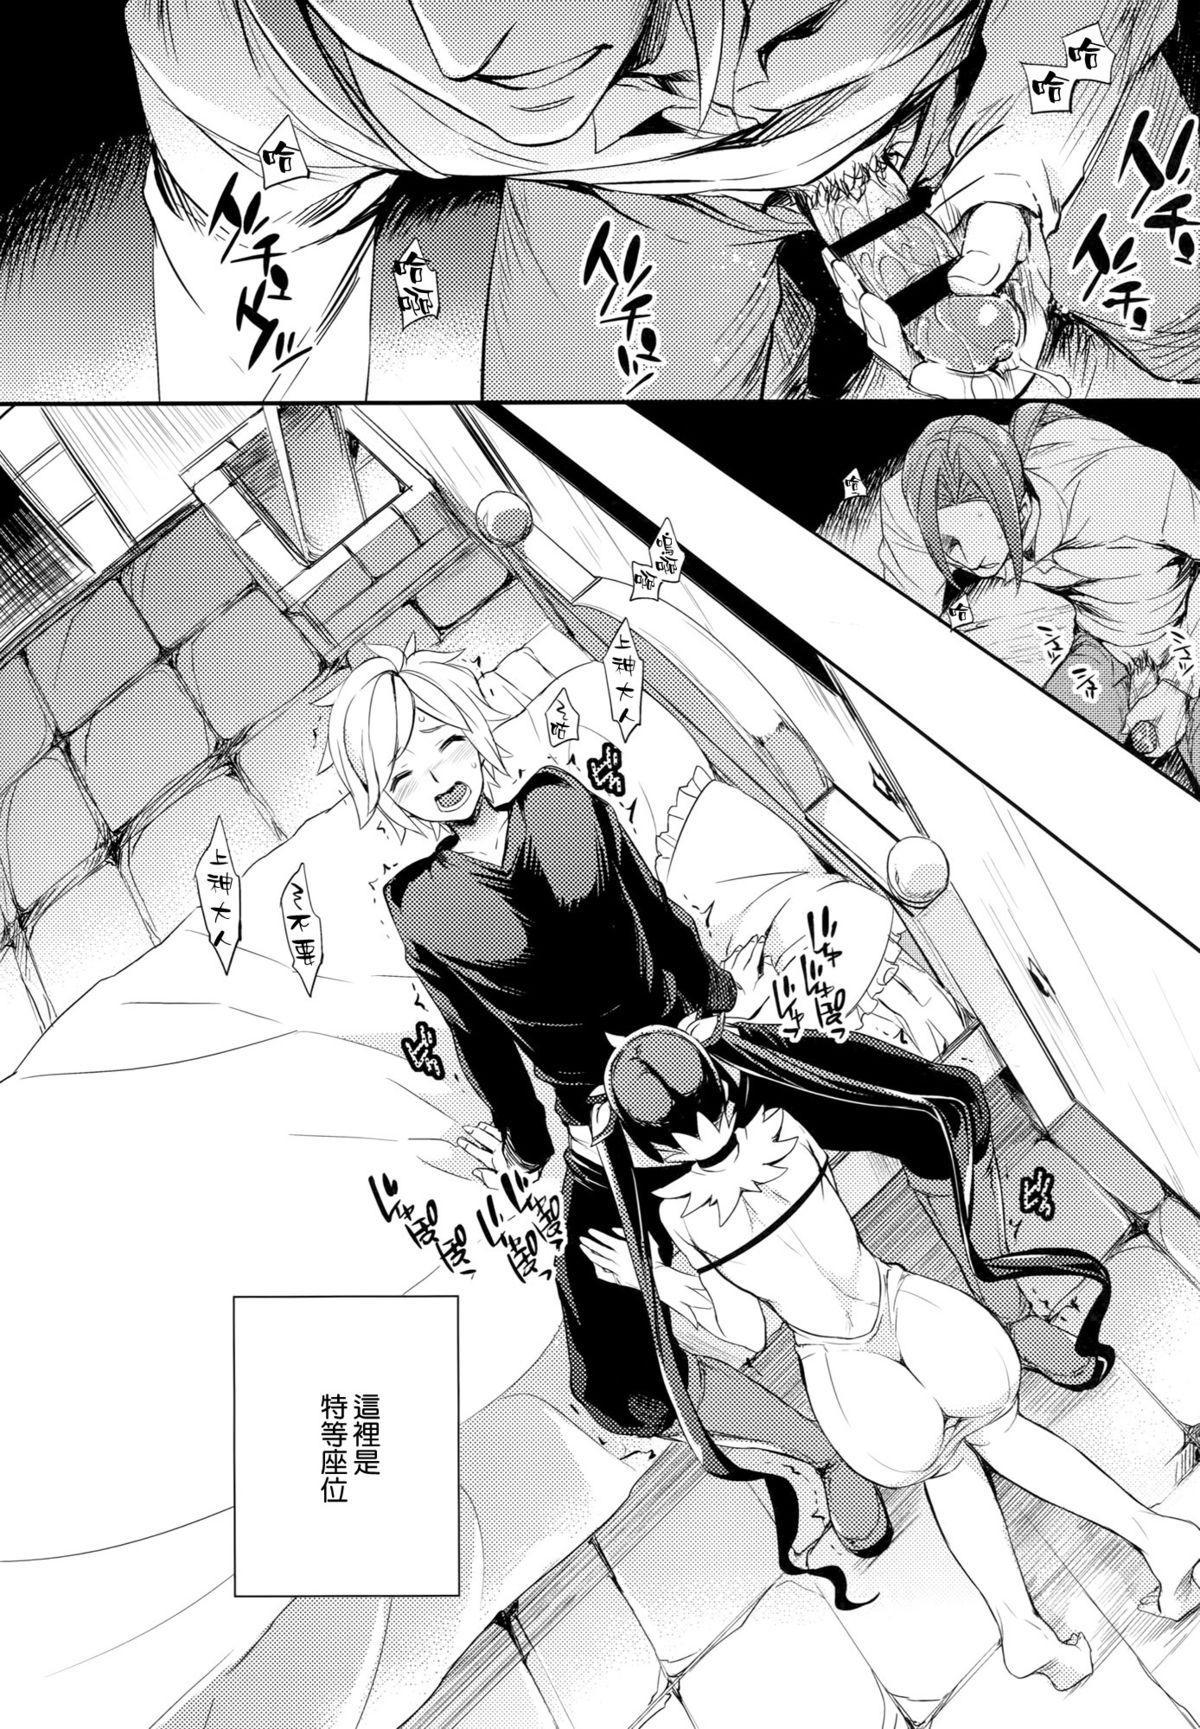 (COMIC1☆9) [Crazy9 (Ichitaka)] C9-19 Kami-sama to Suiminkan (Dungeon ni Deai o Motomeru no wa Machigatteiru Darou ka) [Chinese] [空気系☆漢化] 5